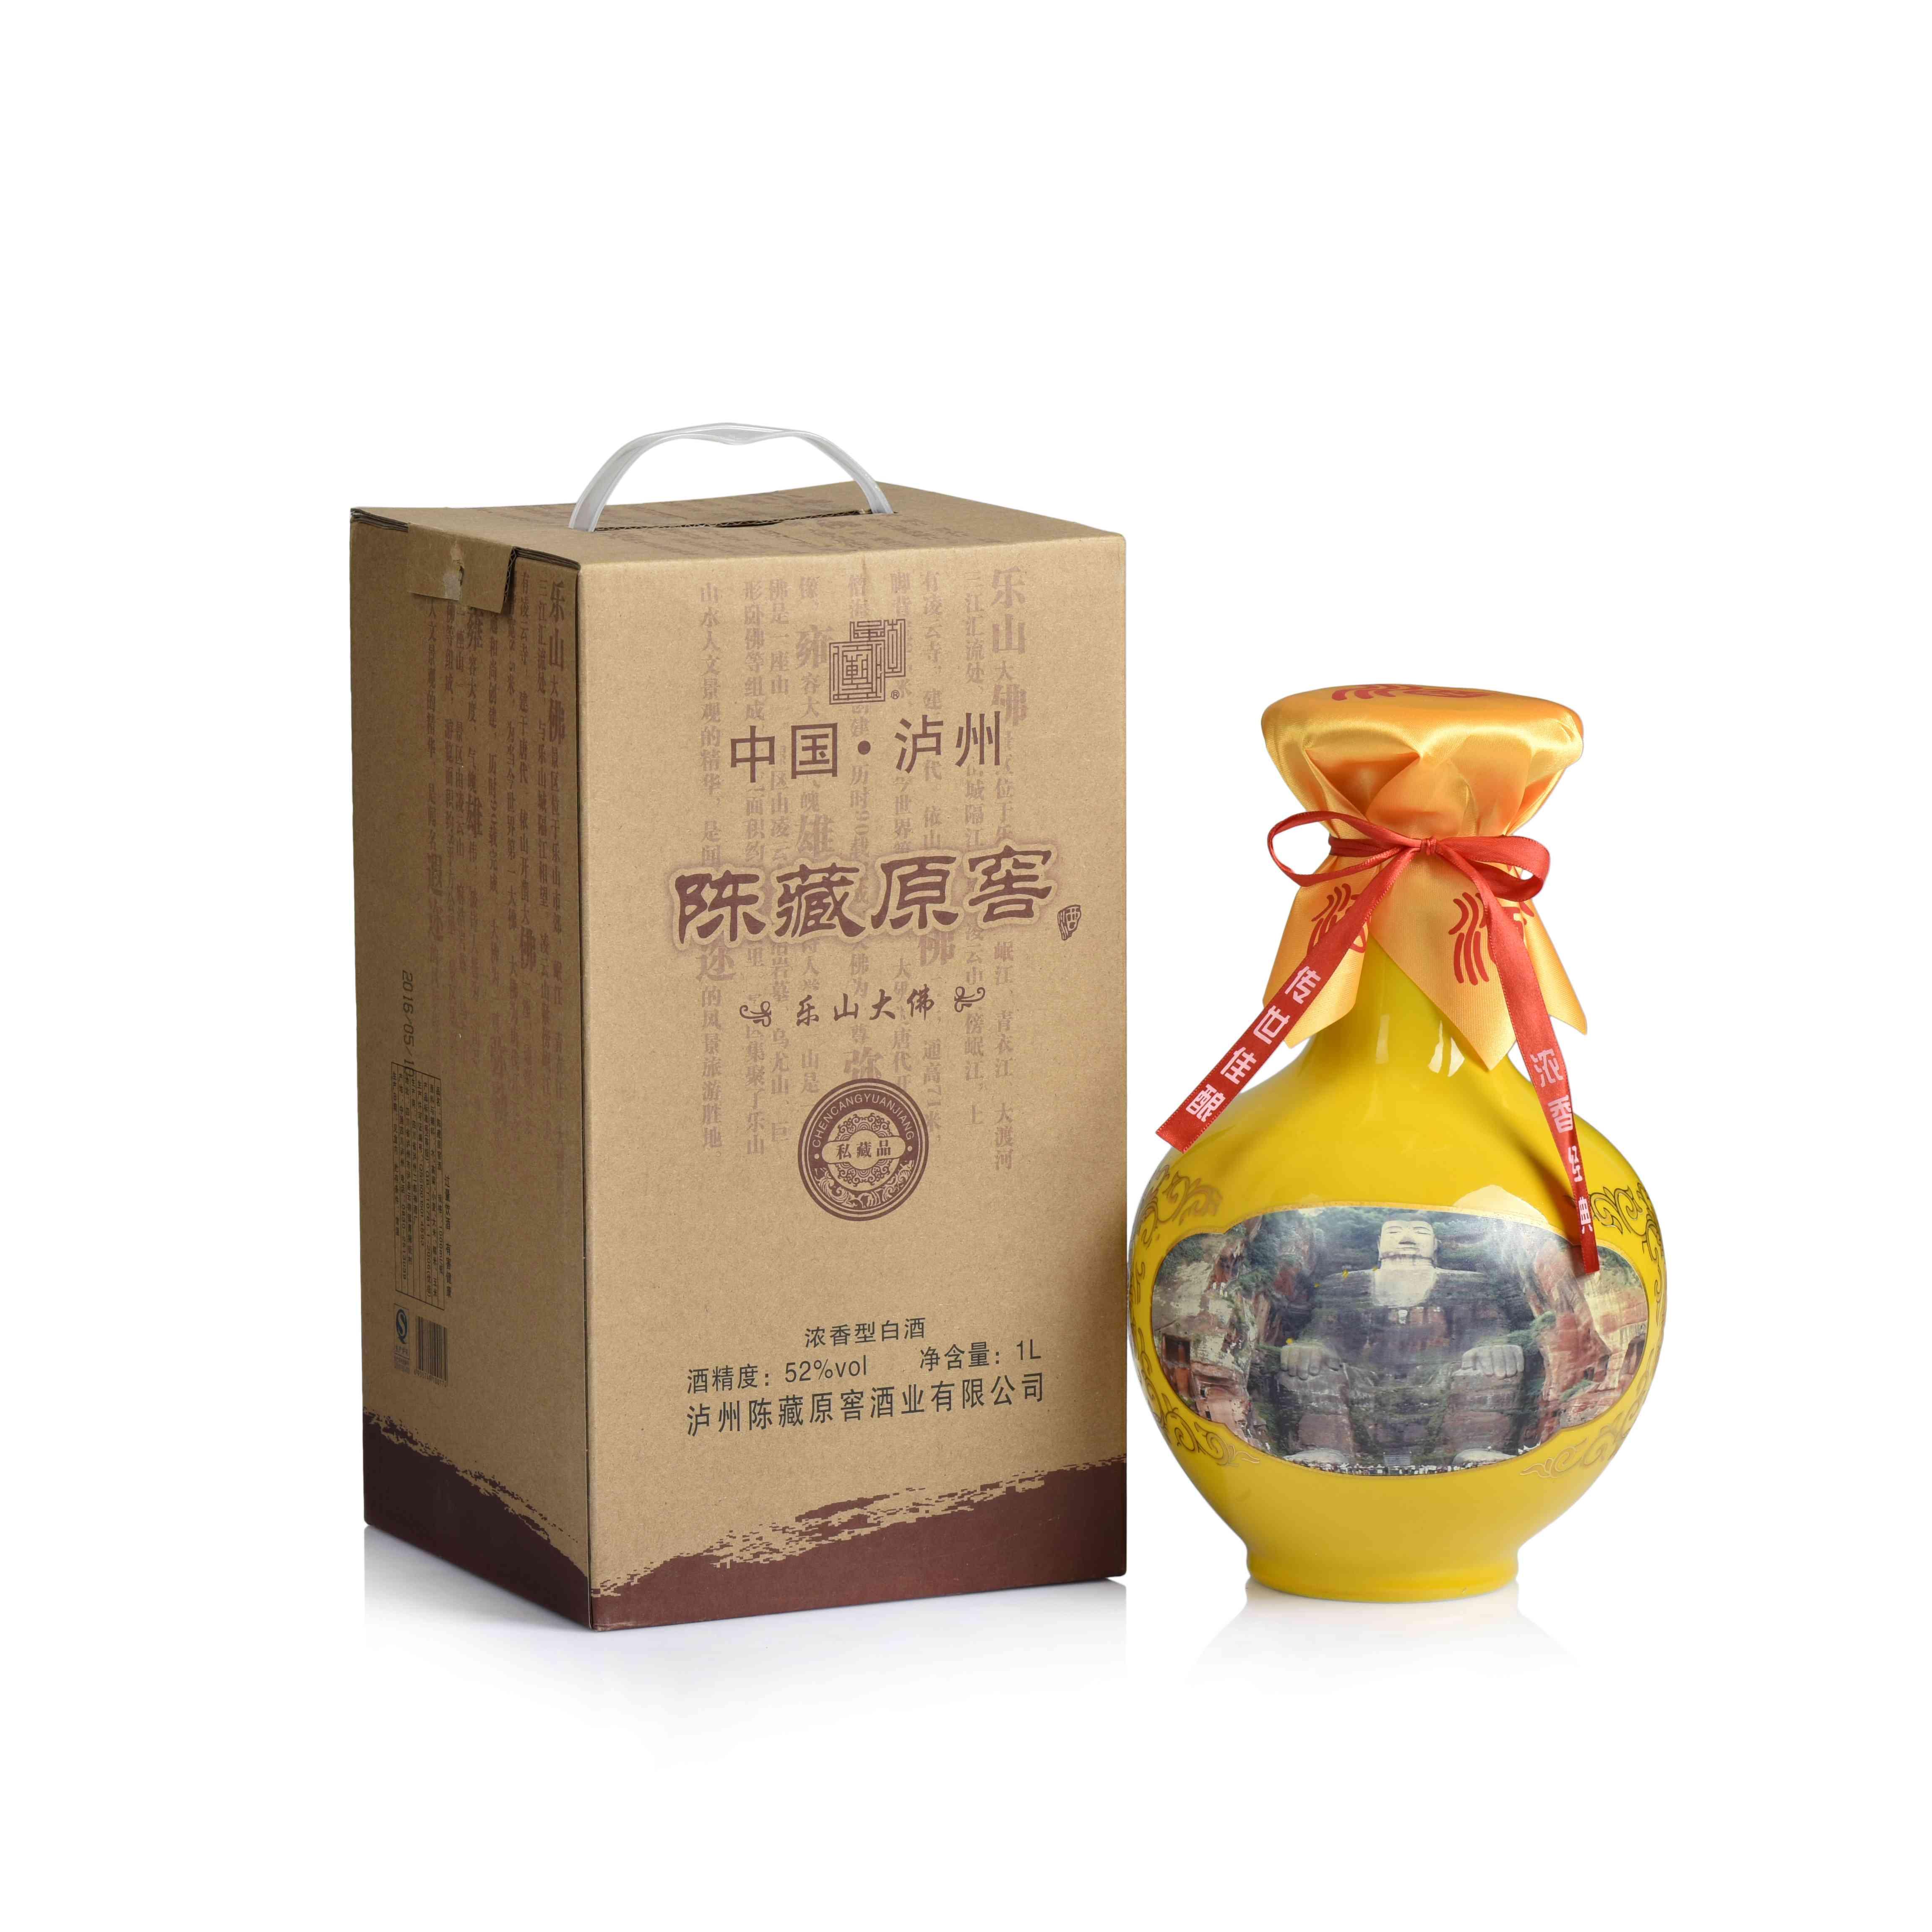 四十年窖藏天府六景彩瓷系列(乐山大佛)